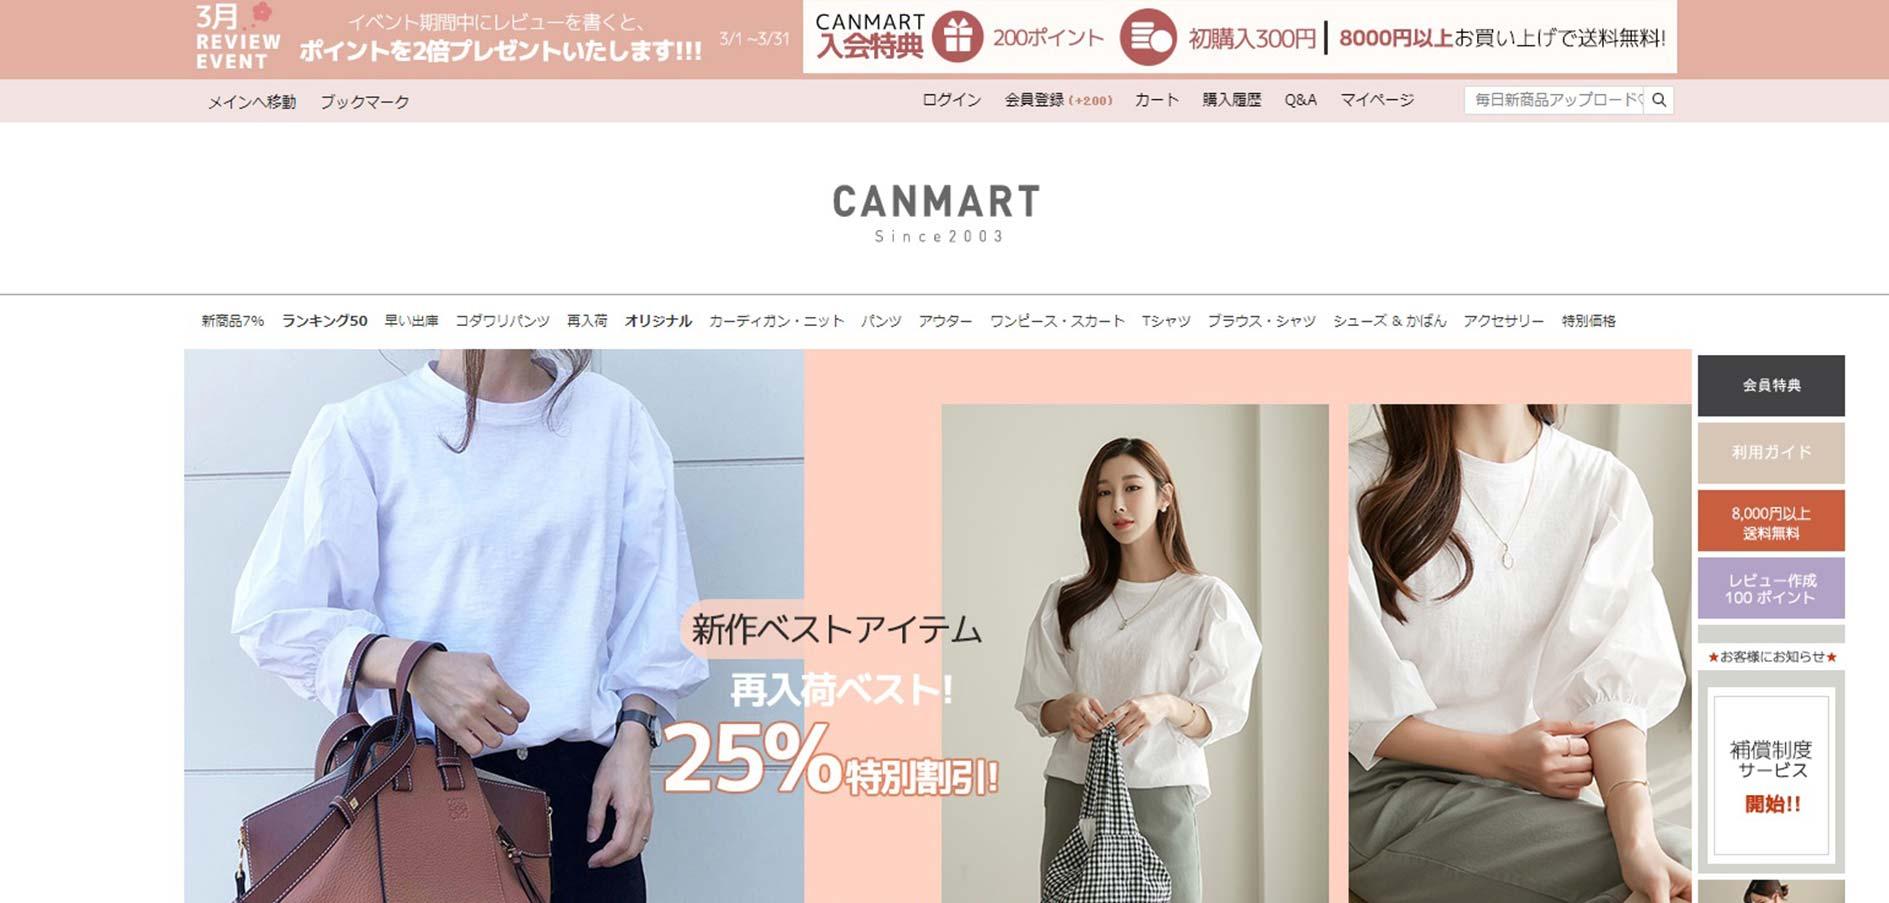 10代におすすめな韓国ファッション通販サイトのCANMART(カンマート)